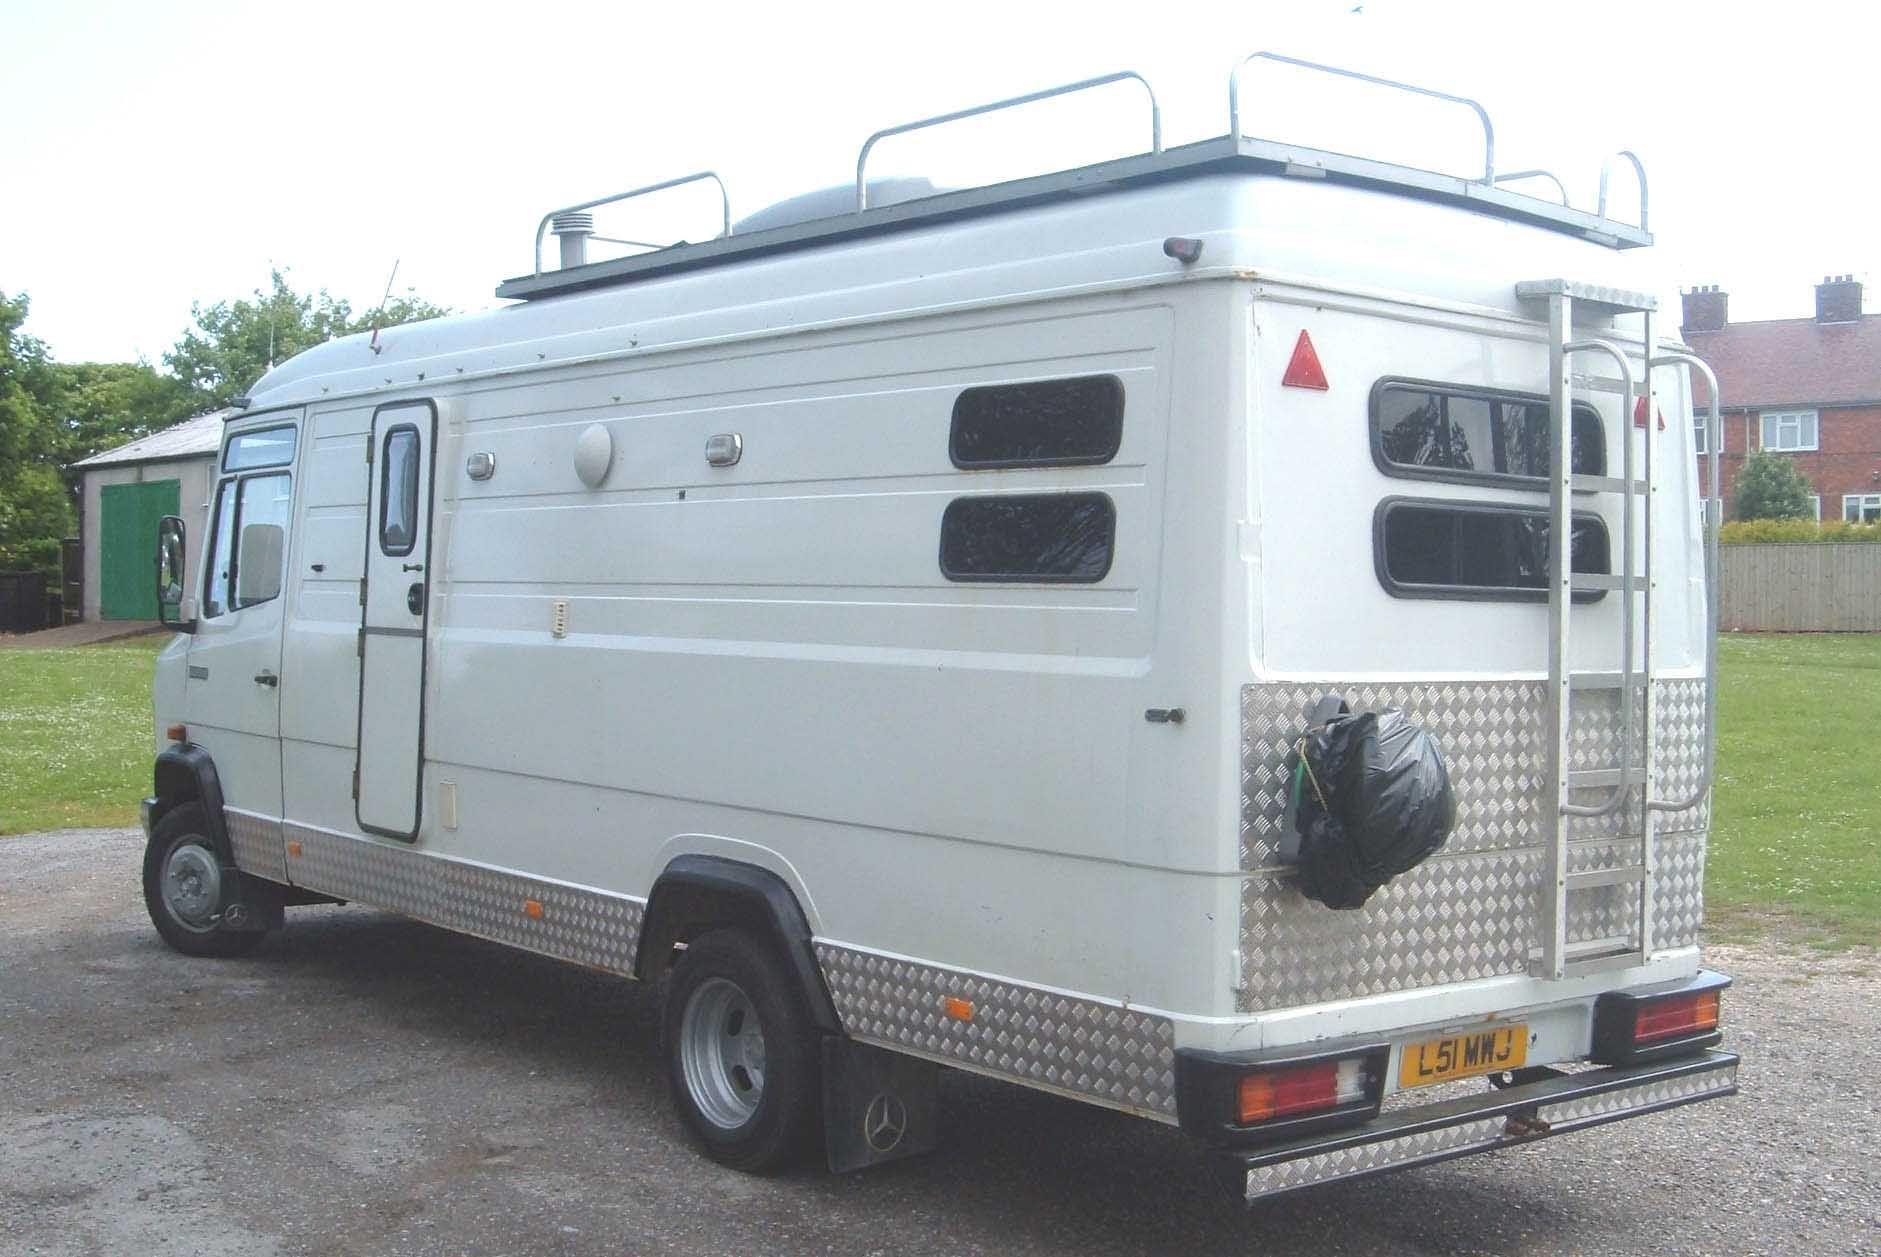 Uk hippy old bus or trailer pinterest mercedes for Mercedes benz rv camper